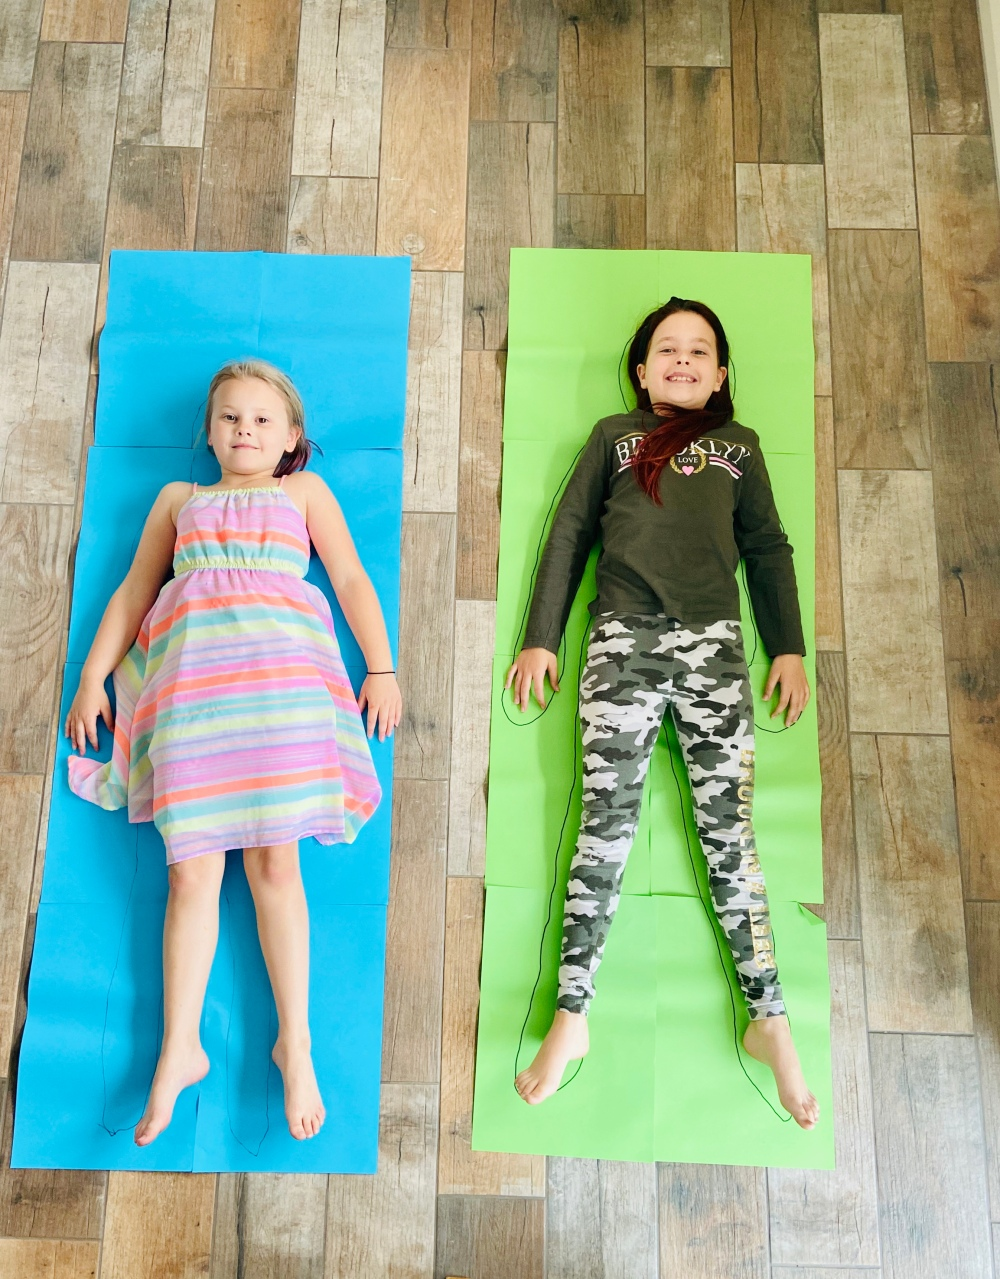 Homeschooling week four - nay nays adventure